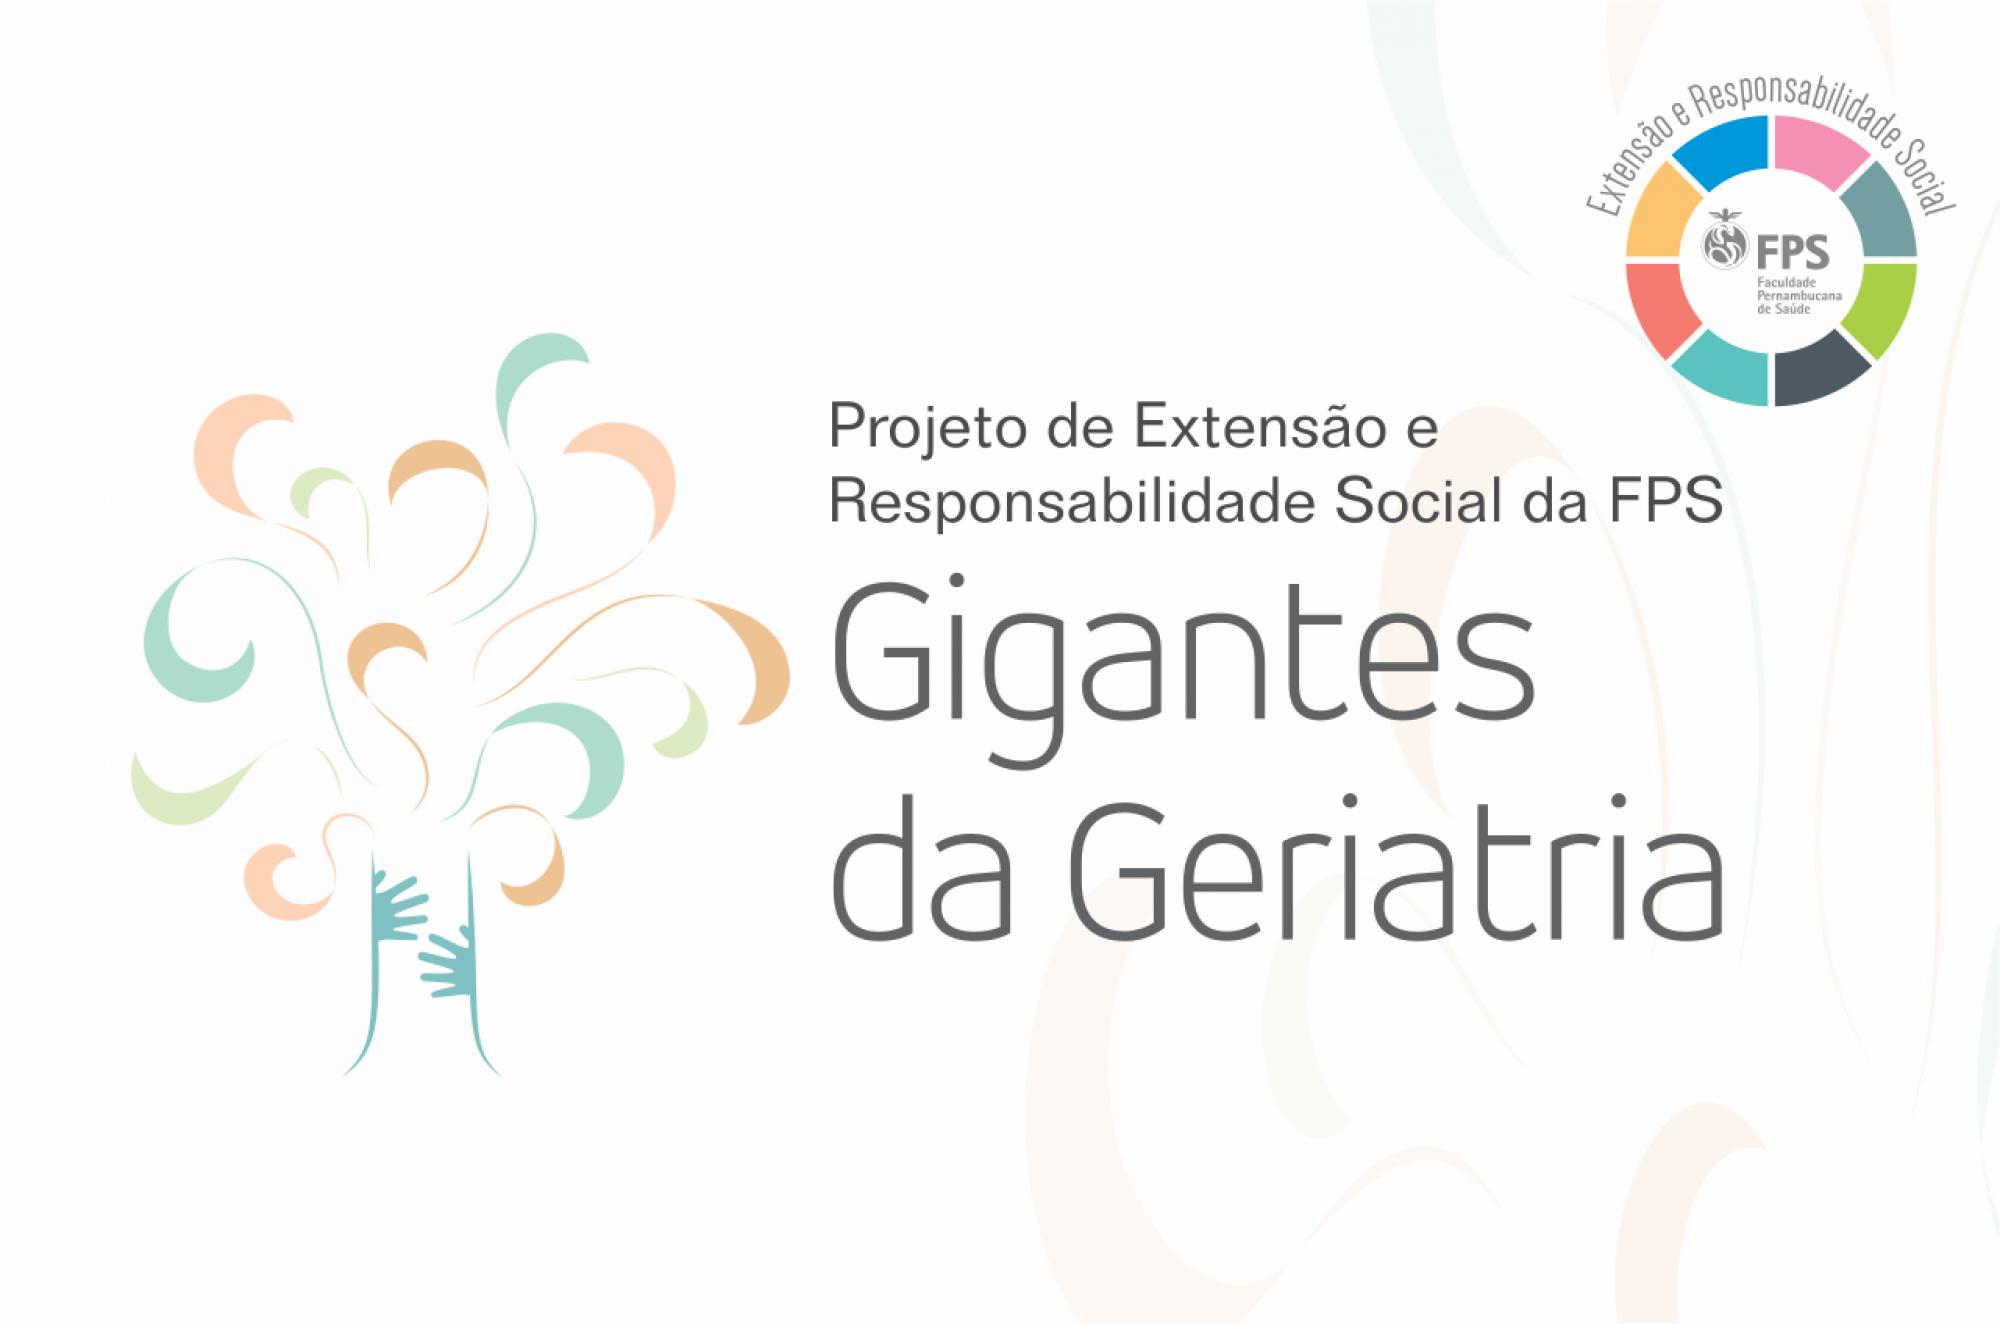 Projeto de Extensão Gigantes da Geriatria - resultado